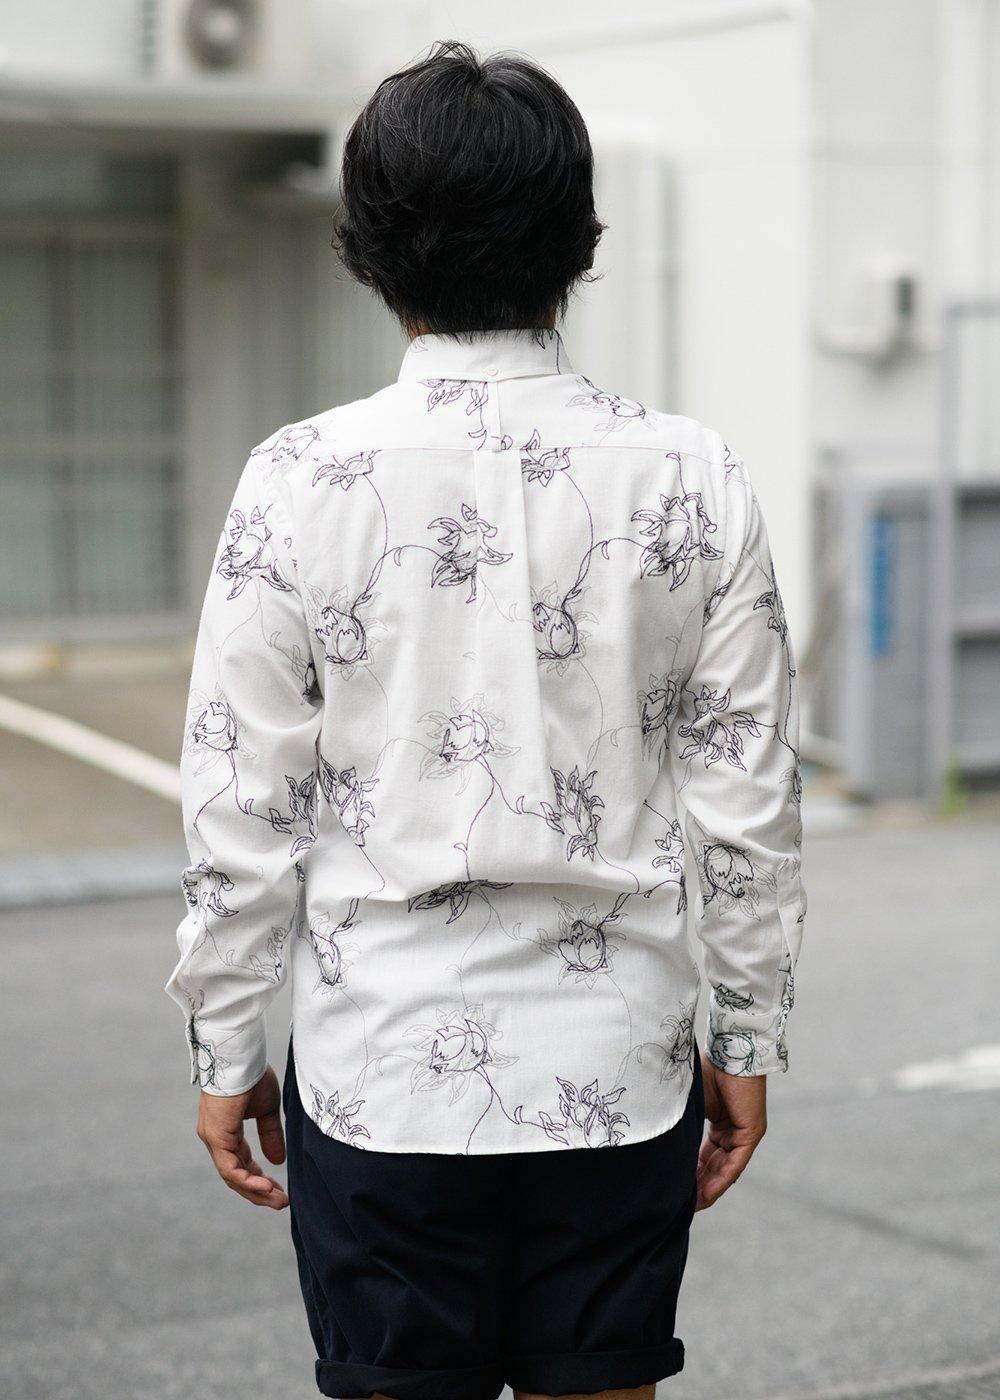 かりゆしウェア(沖縄版アロハシャツ) MAJUN - エンブロイダリーボルドL/S